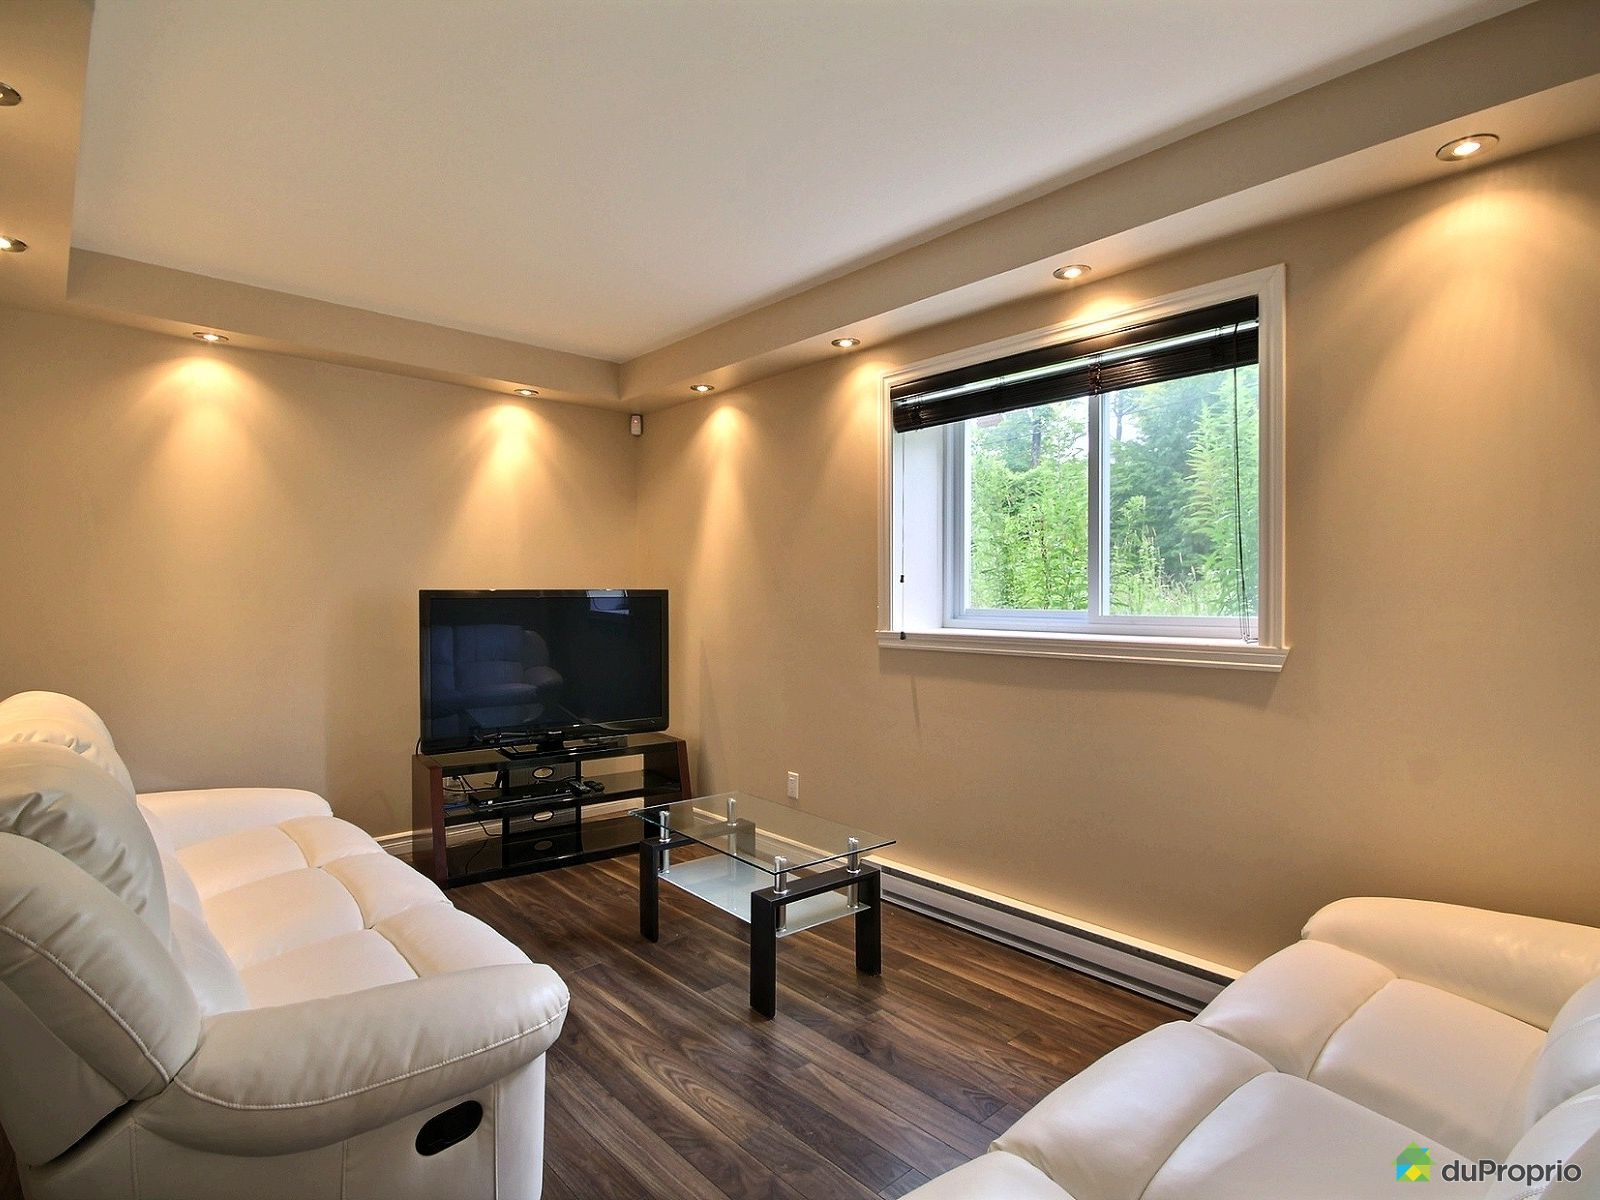 Maison vendre owl 39 s head 15 chemin du renard - Amortissement appartement meuble ...